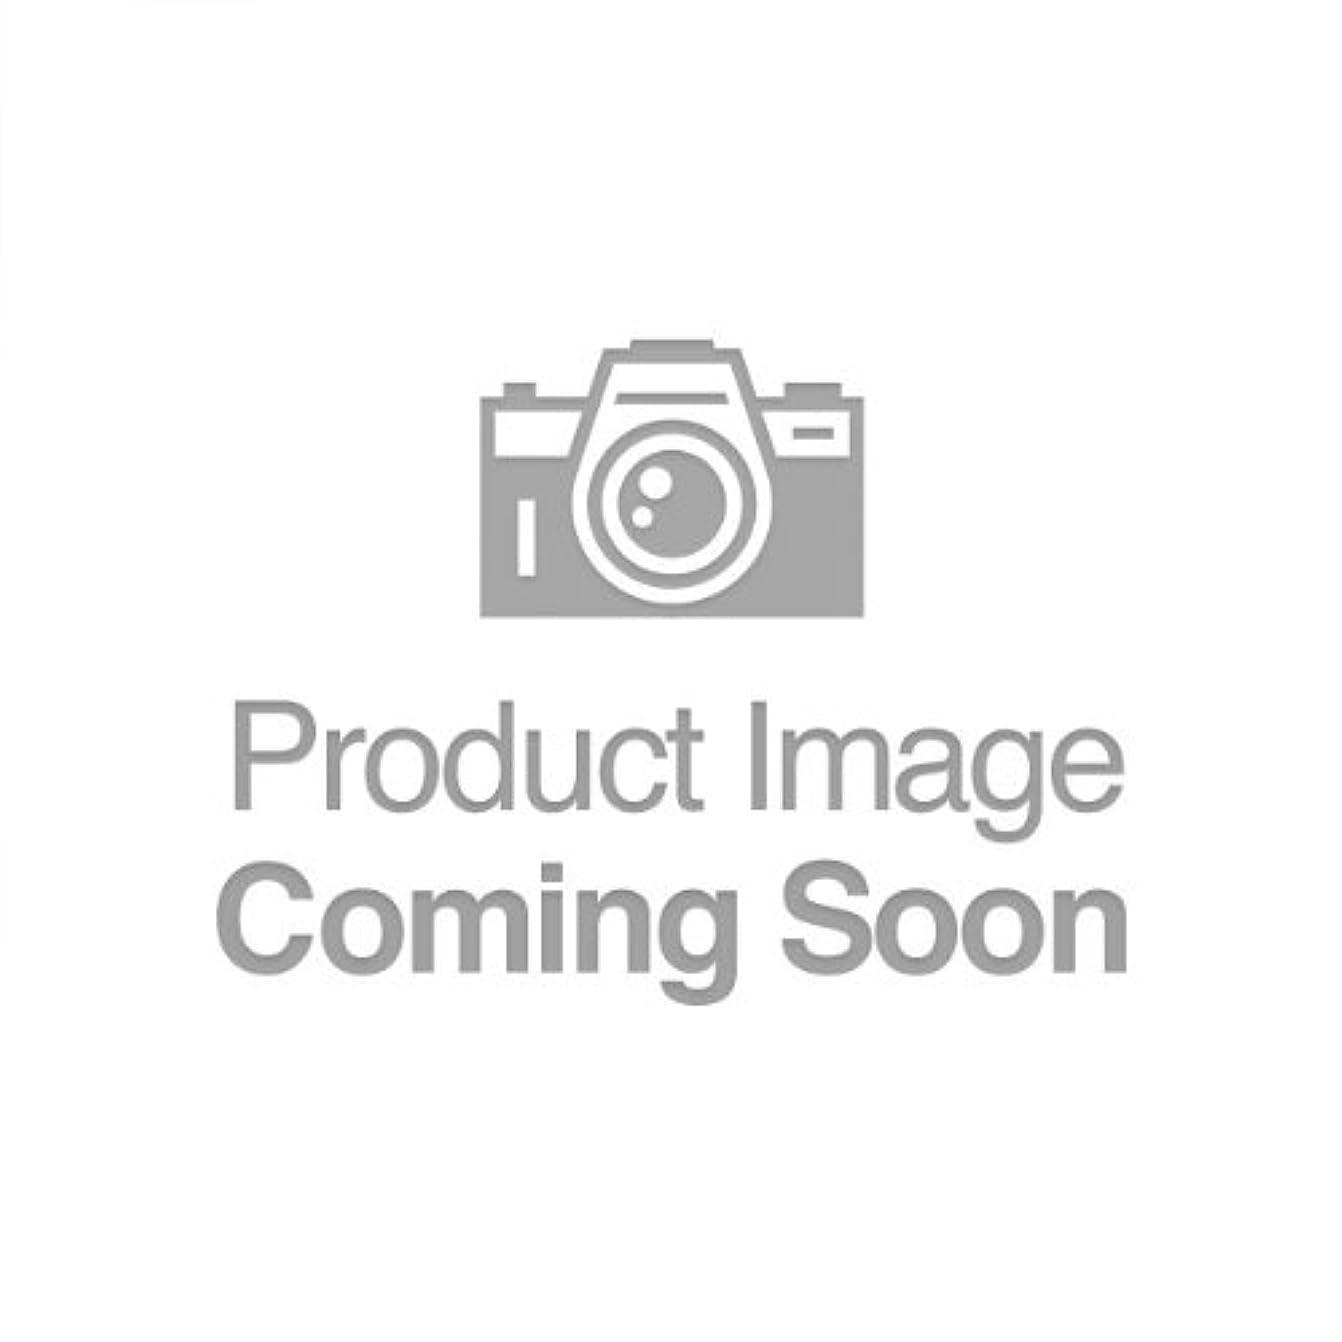 すき楽観的ケープネイチャーズゲート ホホバ(JO)コンディショナー [海外直送品]